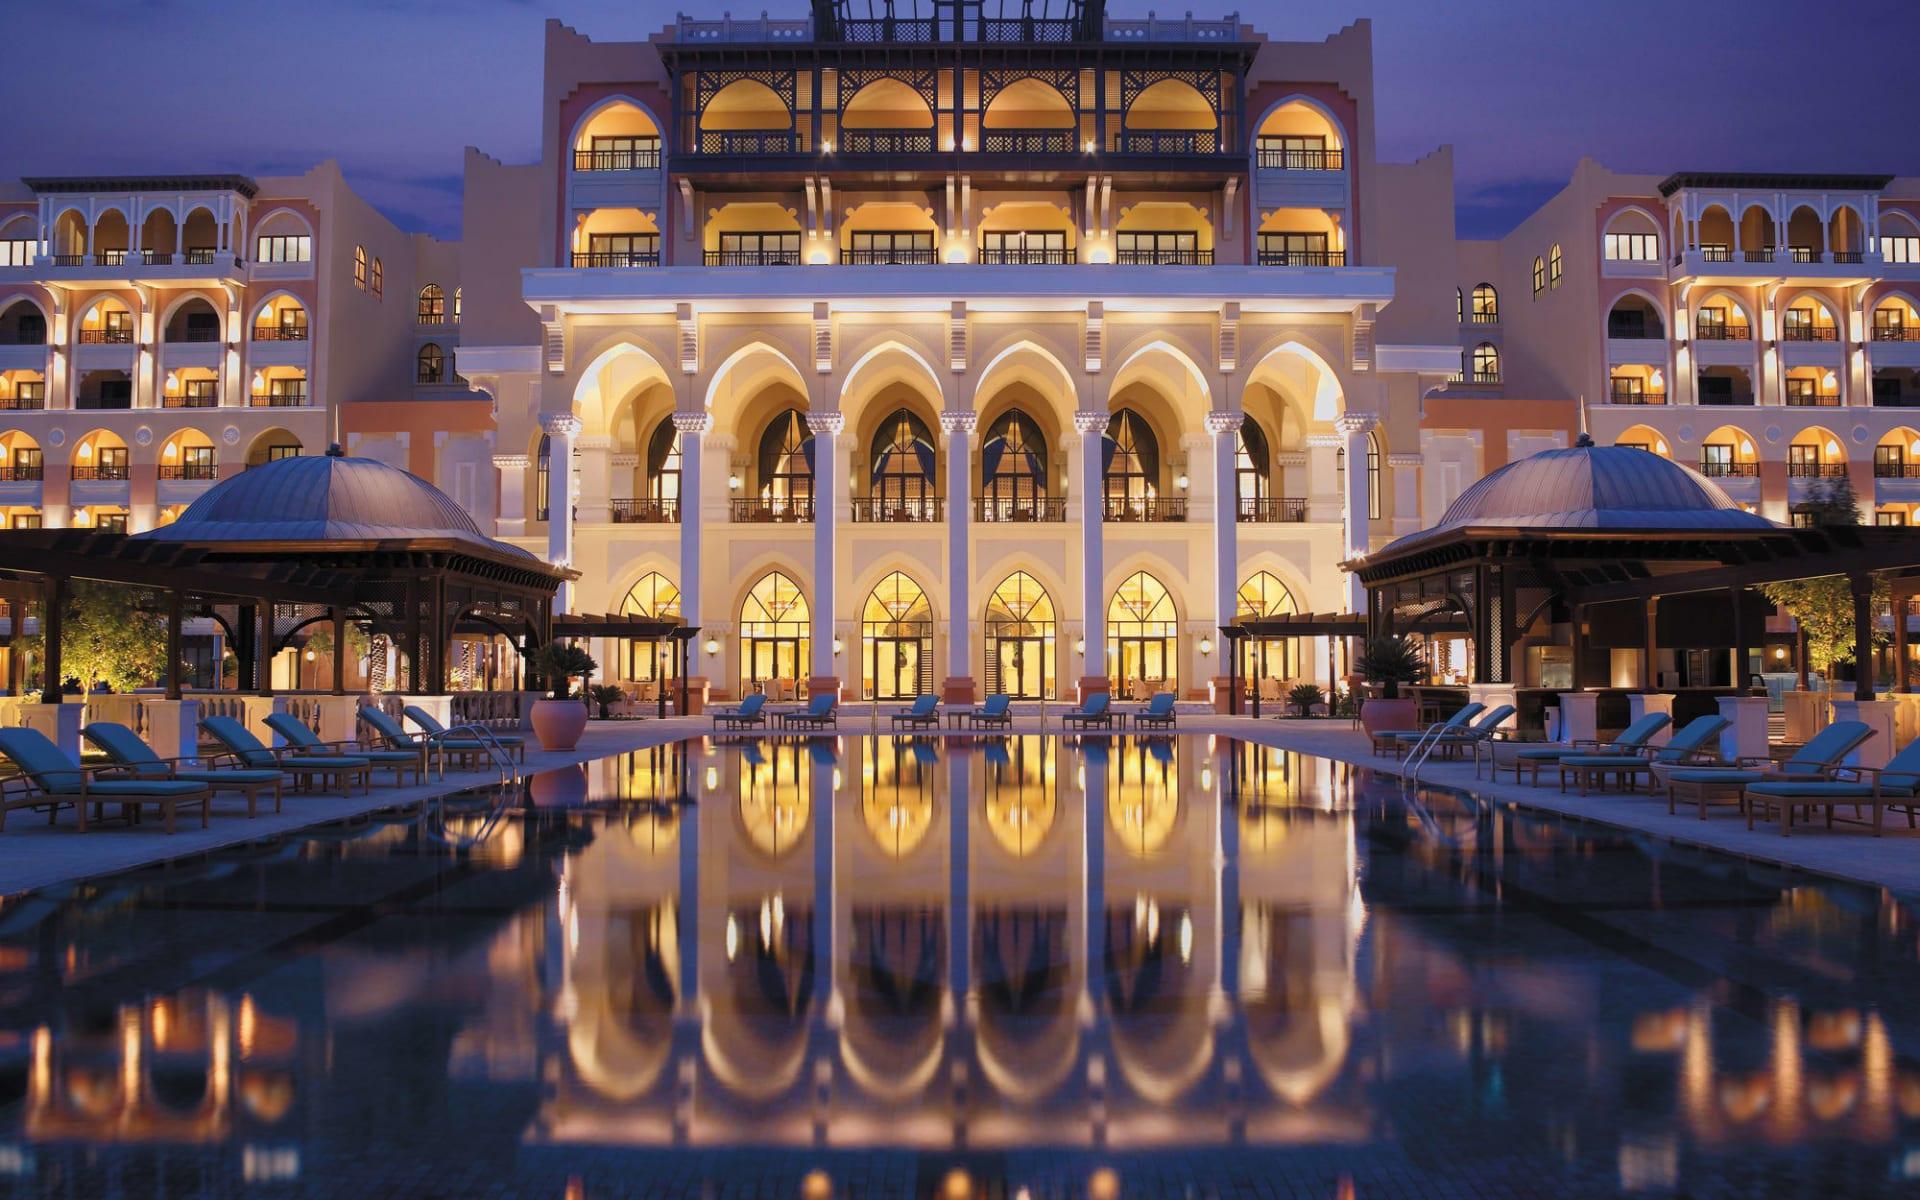 Shangri-La Hotel Qaryat al Beri in Abu Dhabi: